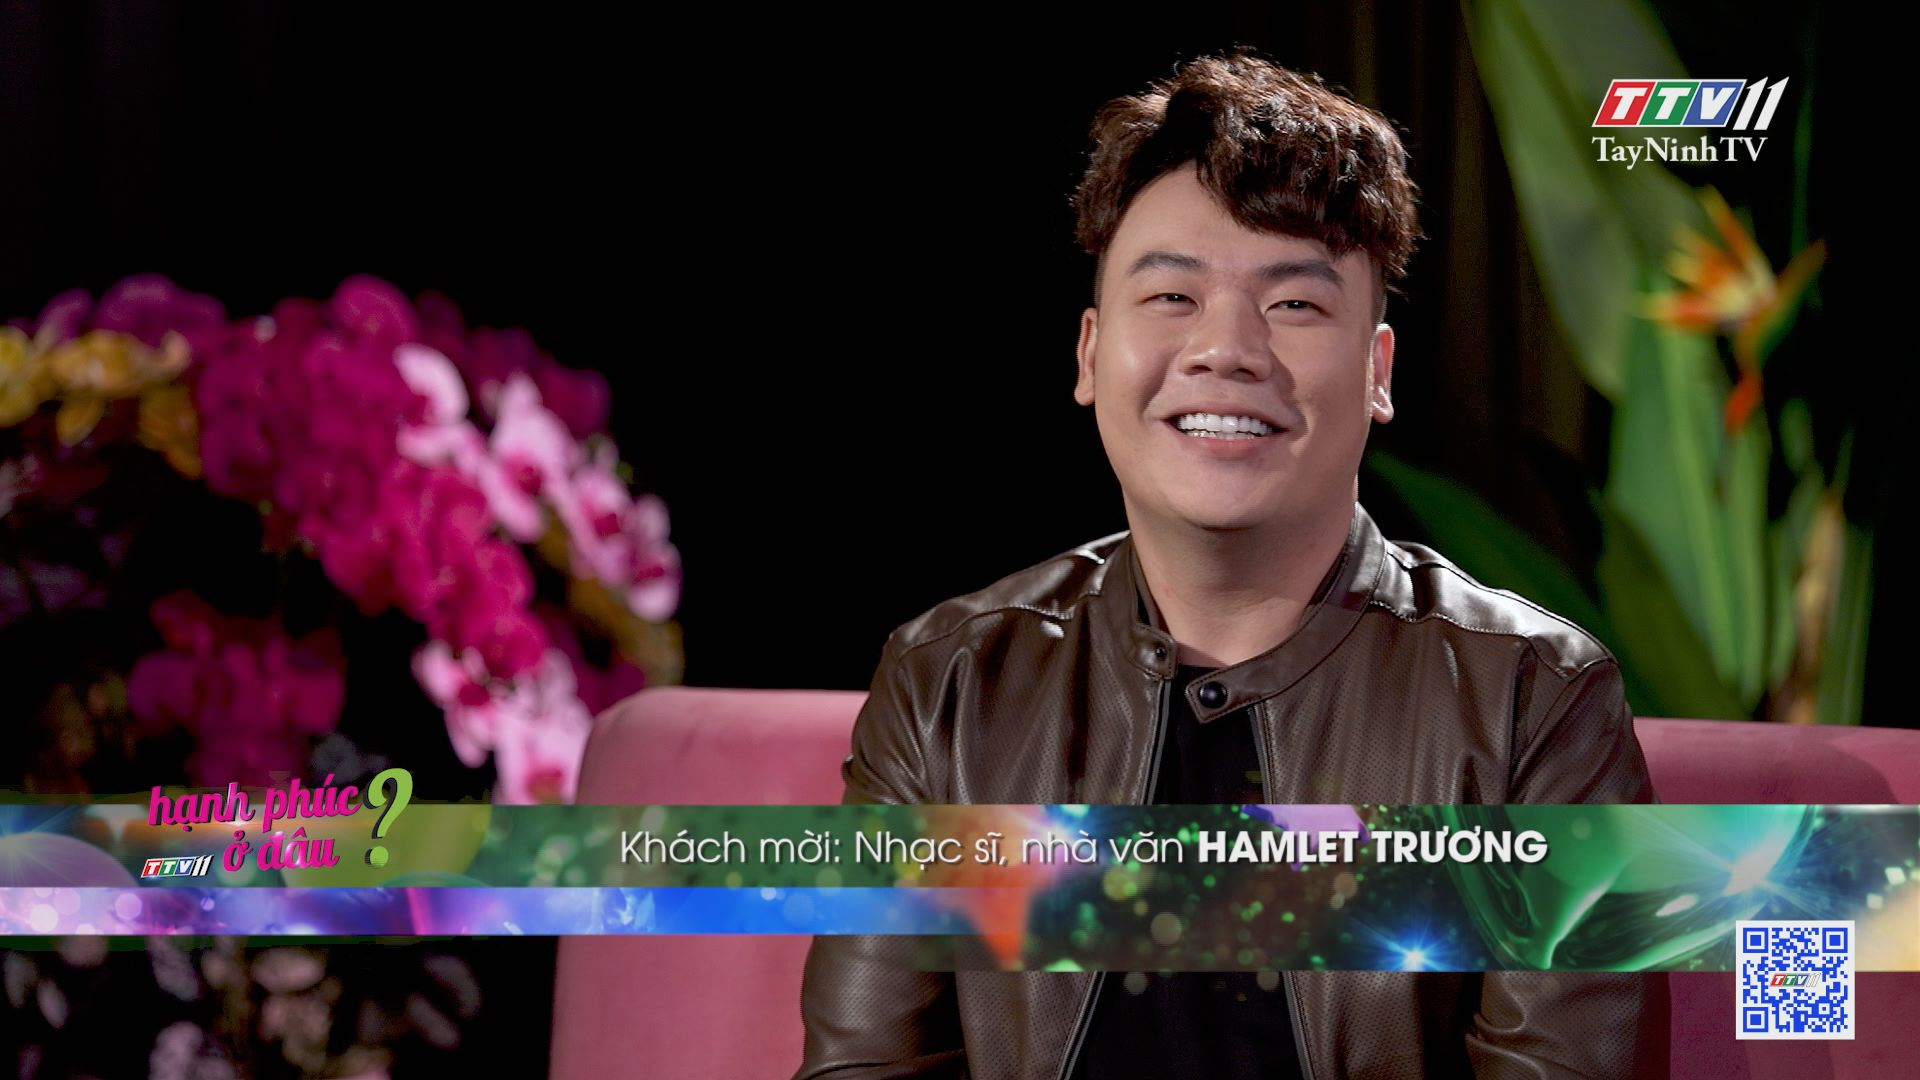 Tập 11 năm 2021_Nhạc sĩ, Nhà văn Hamlet Trương hạnh phúc là con số 0 | HẠNH PHÚC Ở ĐÂU | TayNinhTV